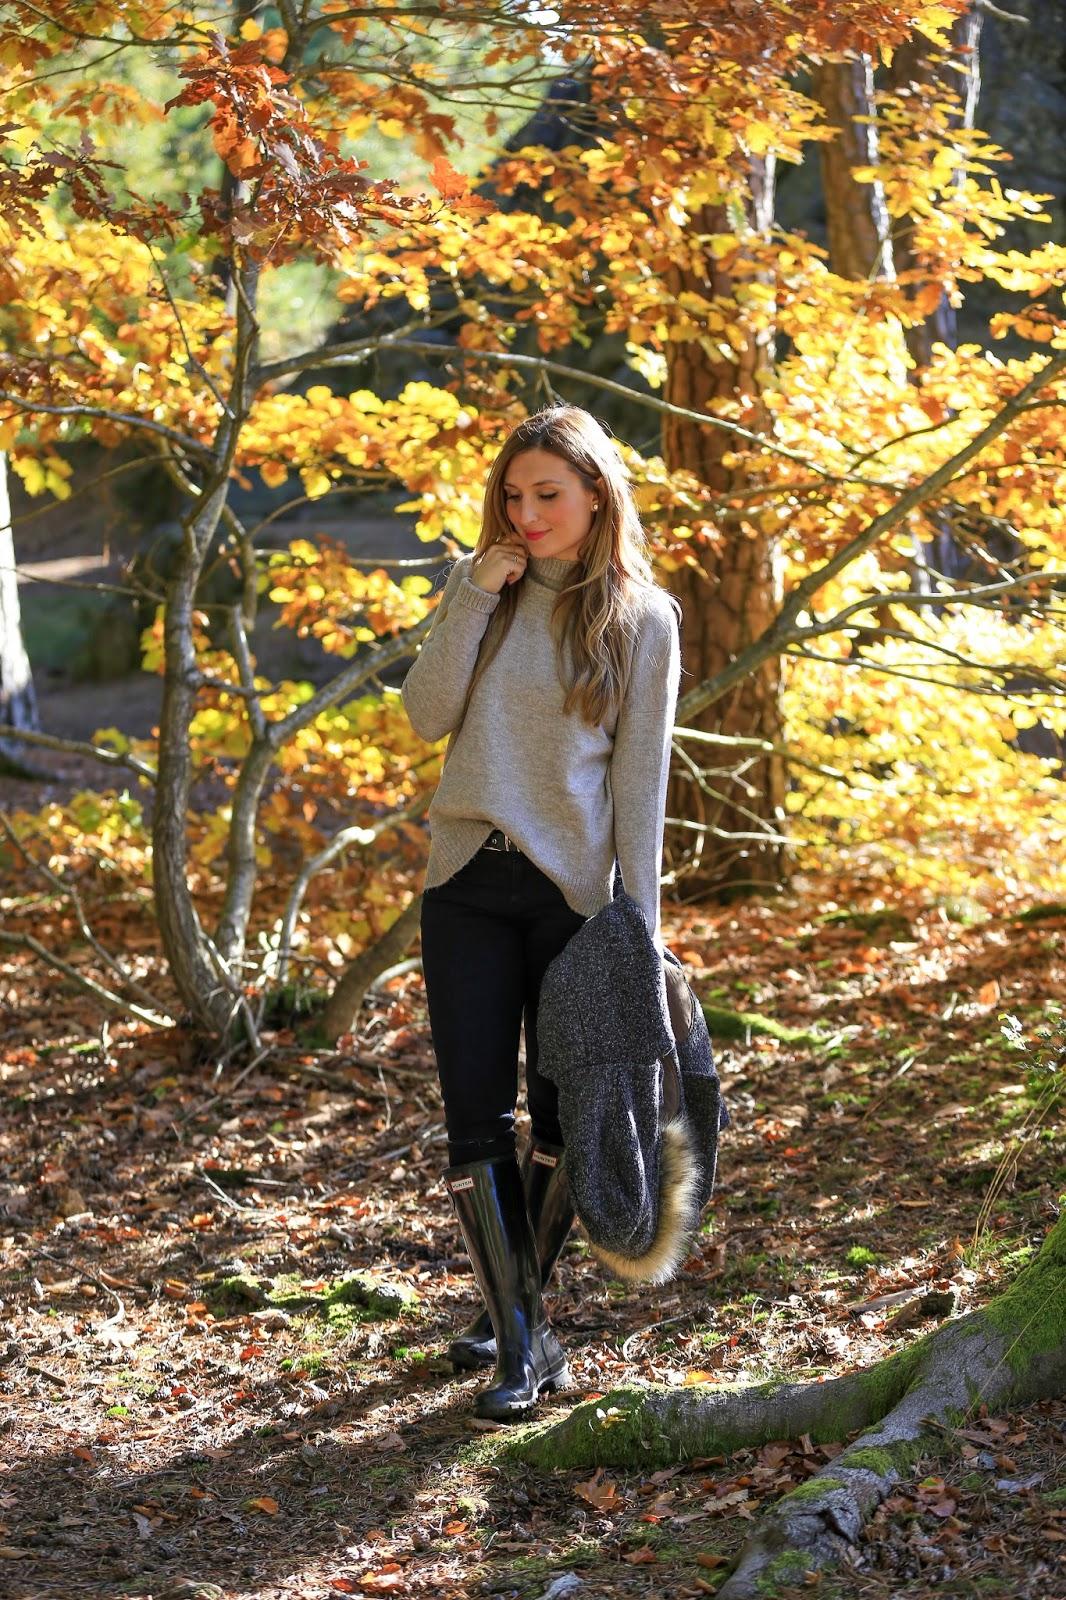 was-zieht-man-im-herbst-an-Herbst-Outfit-Schwarze-Hunter-schuhe